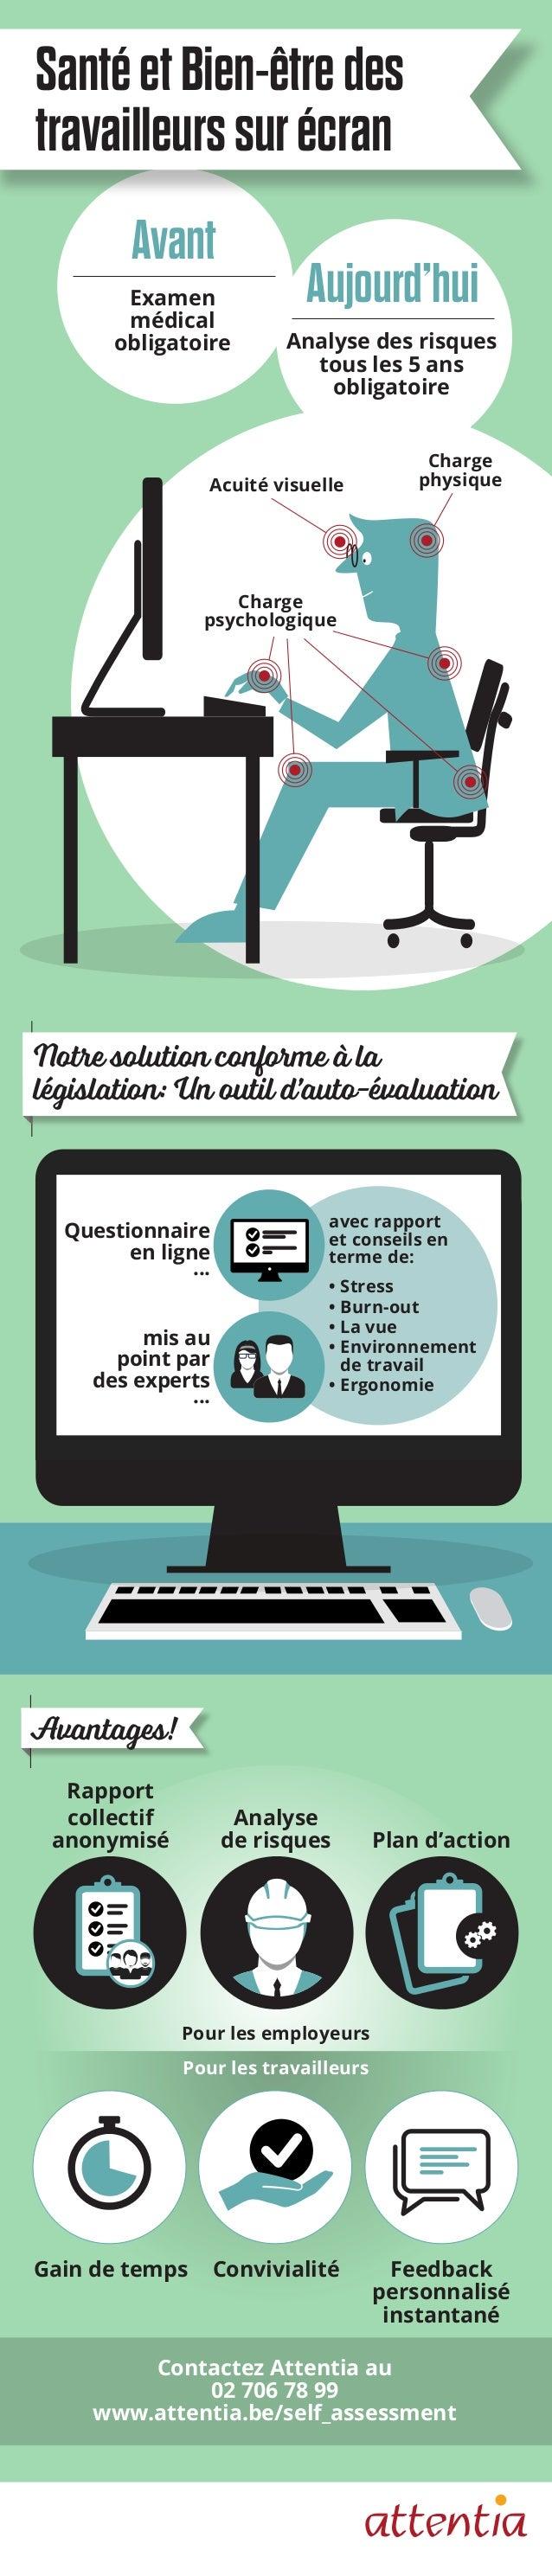 Questionnaire en ligne ... mis au point par des experts ... Avant Examen médical obligatoire Aujourd'hui Analyse des risqu...